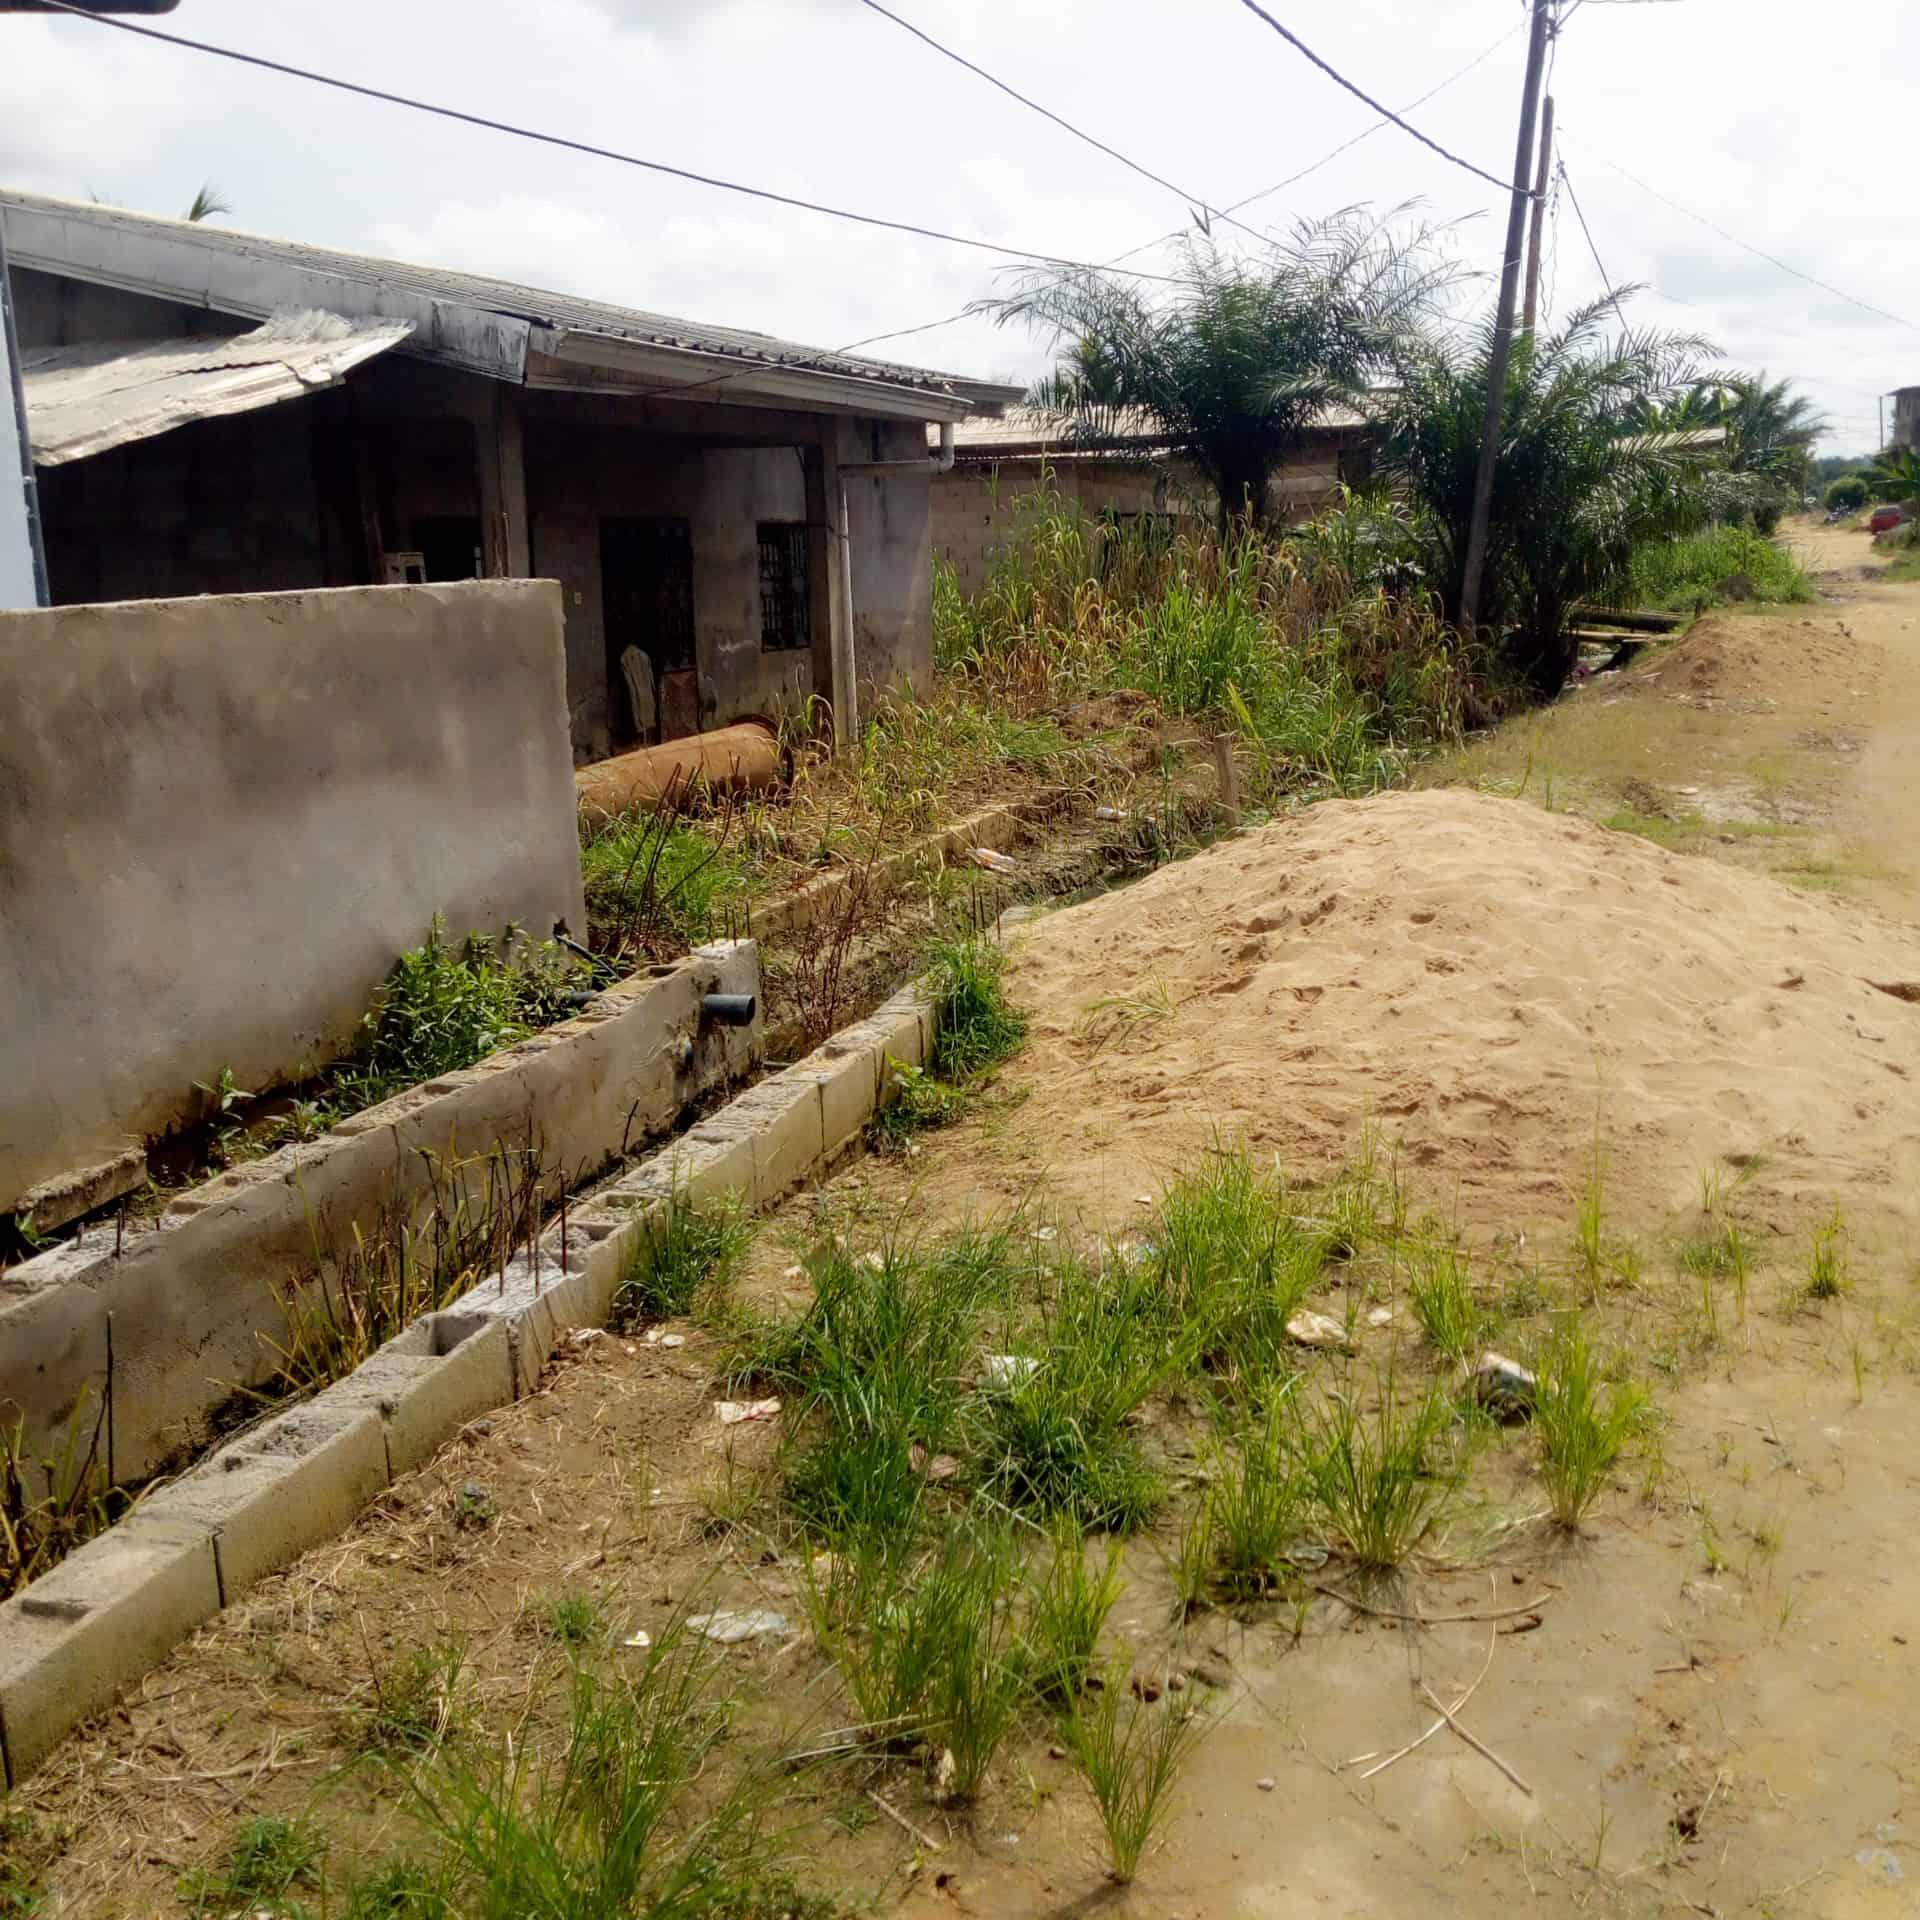 Land for sale at Douala, Bonamoussadi, Banguai toiture rouge - 480 m2 - 11 000 000 FCFA